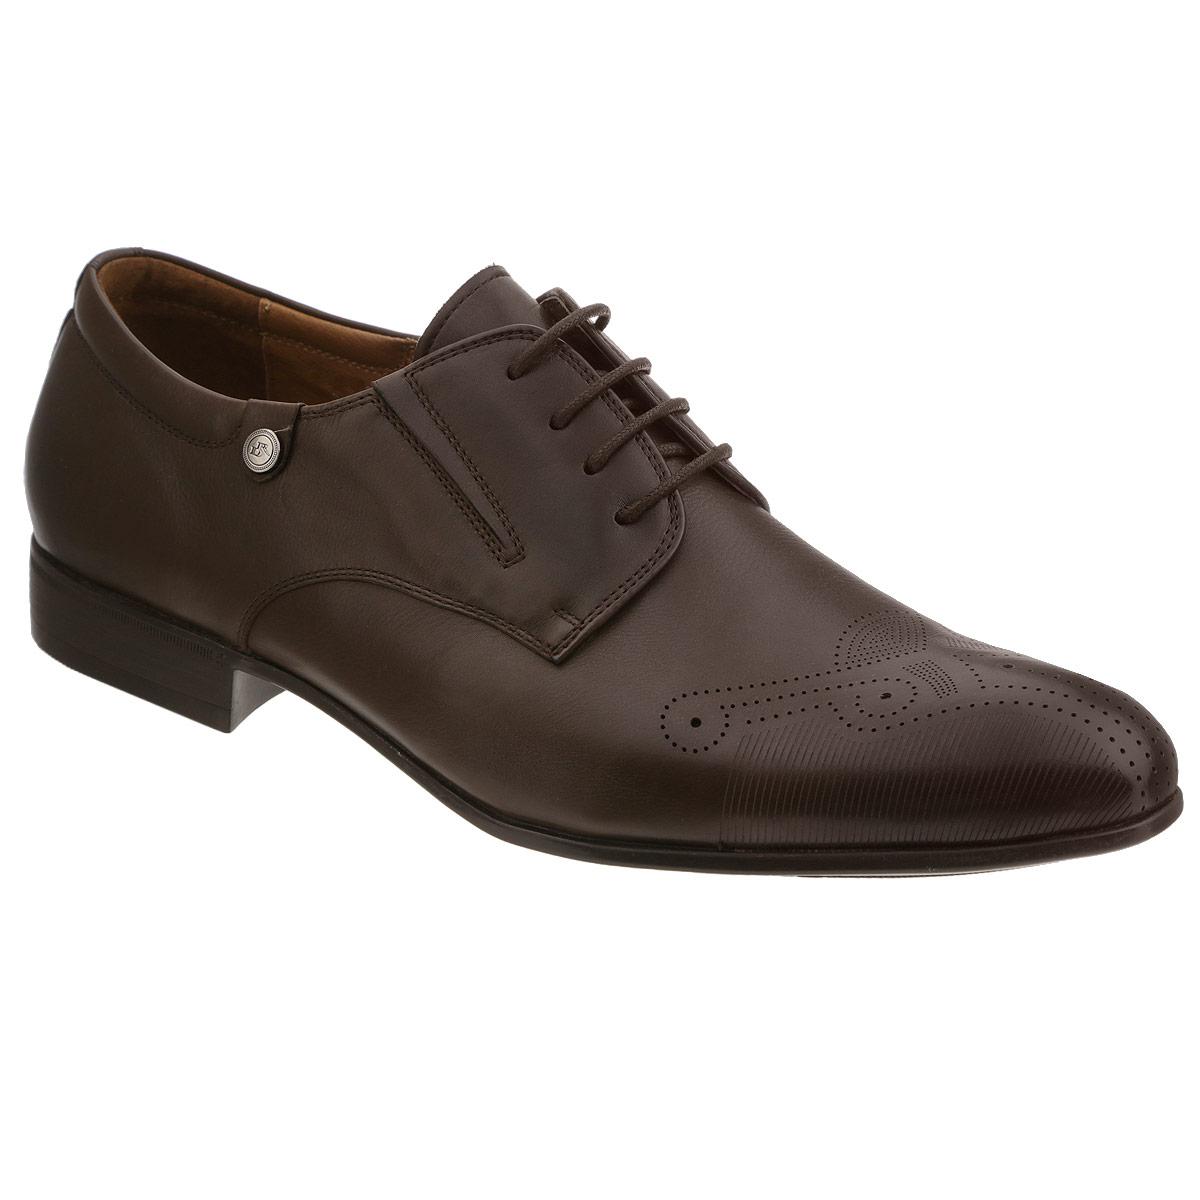 Туфли мужские. 103-112-1103-112-14Элегантные мужские туфли от Dino Ricci займут достойное место среди вашей коллекции обуви. Модель выполнена из натуральной высококачественной кожи. Мыс декорирован перфорацией и тисненым узором. Сбоку изделие оформлено небольшой металлической пластиной с гравировкой в виде логотипа бренда. Резинки, расположенные на подъеме, гарантируют оптимальную посадку модели на ноге. Шнуровка позволяет прочно зафиксировать обувь на ноге. Кожаная стелька с супинатором оснащена перфорацией, позволяющей вашим ногам дышать. Каблук и подошва с рифлением обеспечивают отличное сцепление с любой поверхностью. Стильные туфли прекрасно дополнят ваш деловой образ.